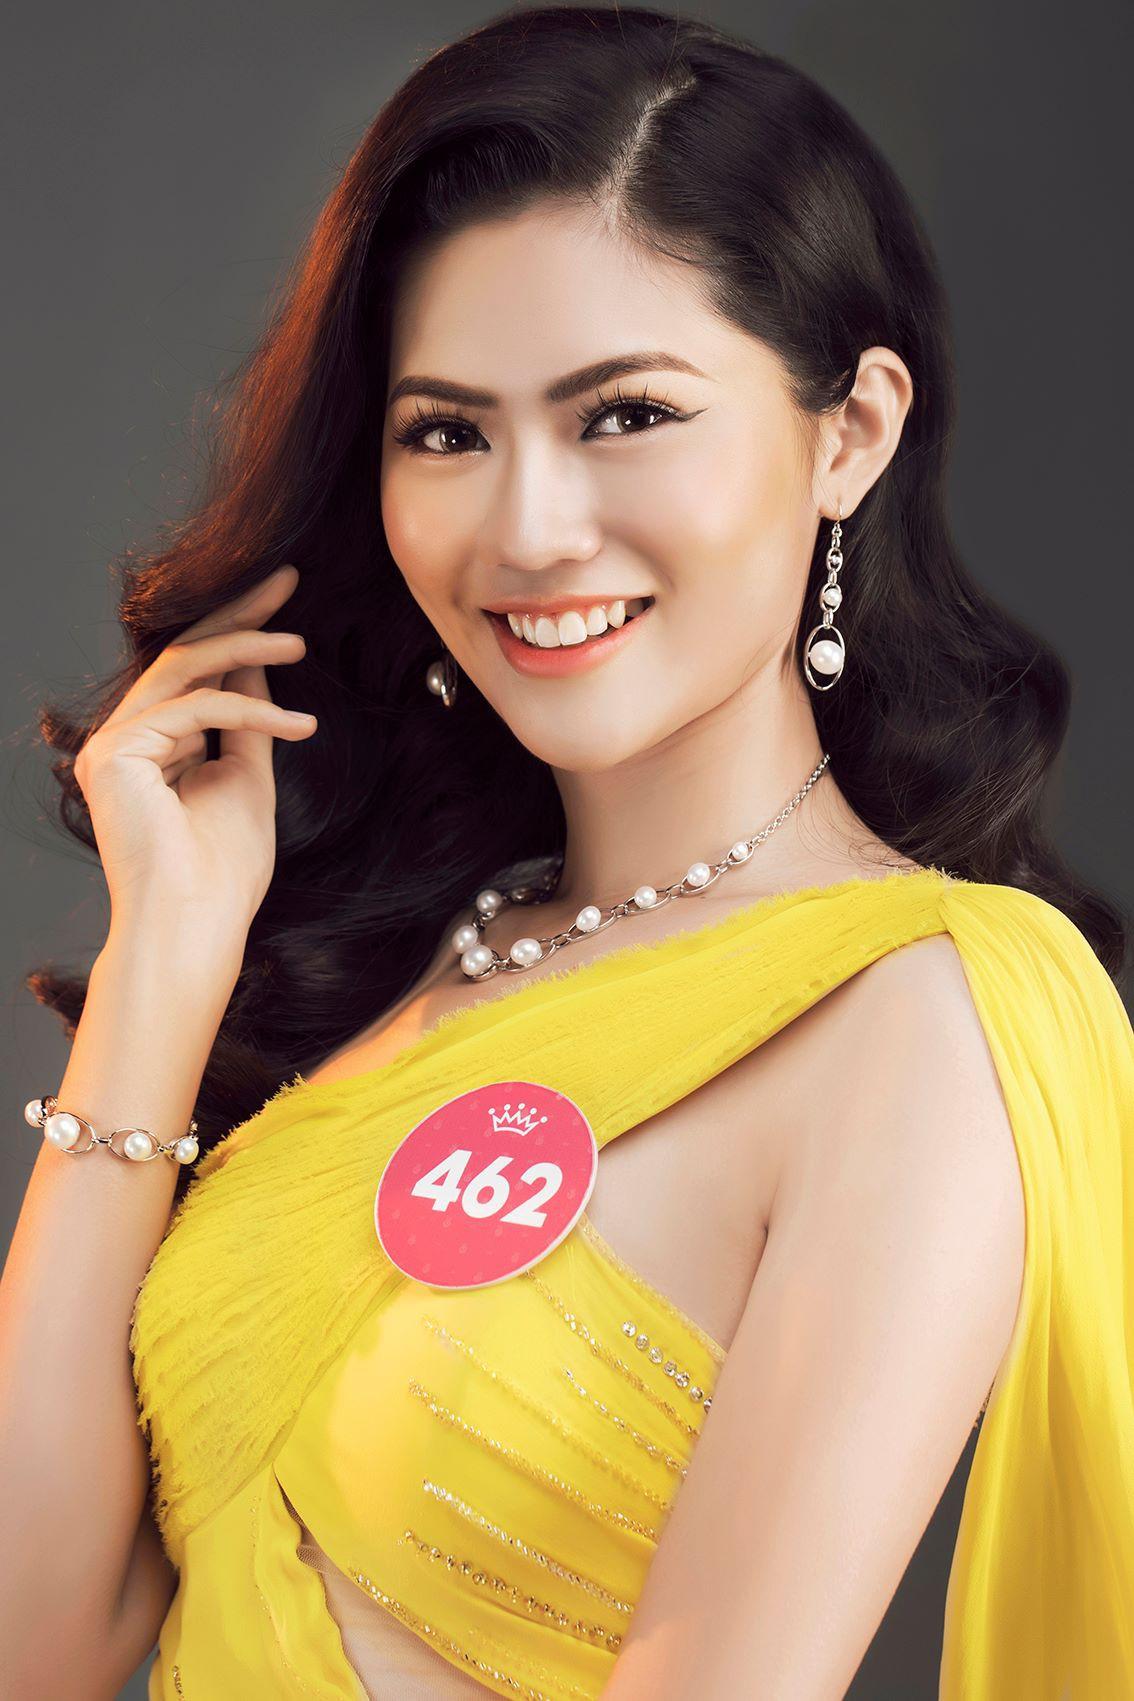 Đây là ngôi trường có 3 thí sinh được đánh giá sẽ kế nhiệm Đỗ Mỹ Linh đăng quang Hoa hậu Việt Nam 2018 - Ảnh 8.